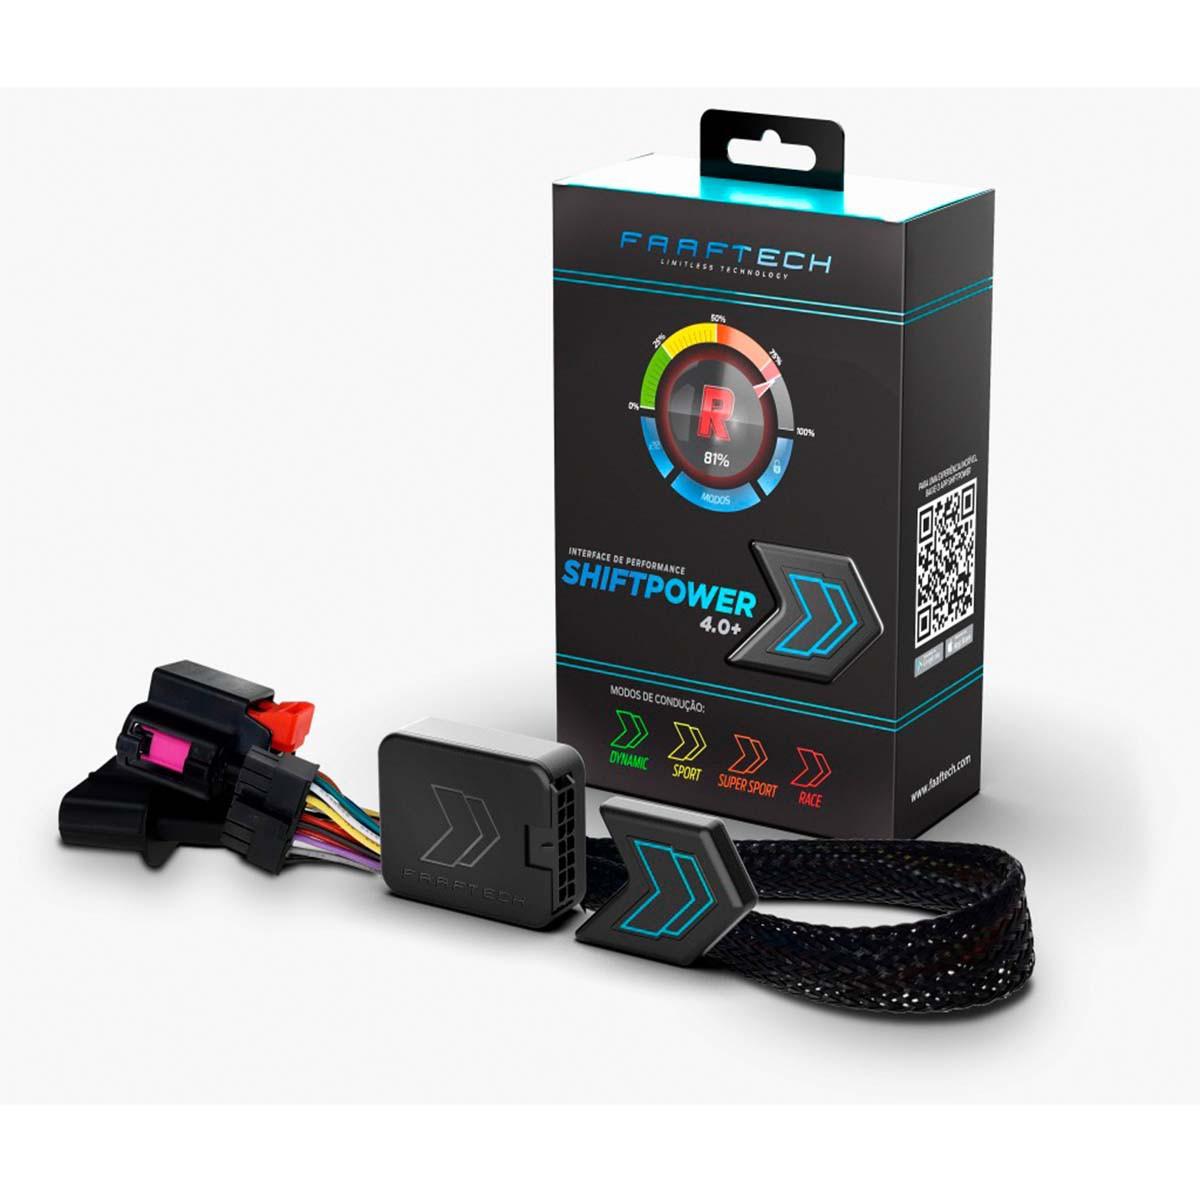 Shift Power Novo 4.0+ Mitsubish Chip Acelerador Plug Play Bluetooth Faaftech FT-SP08+